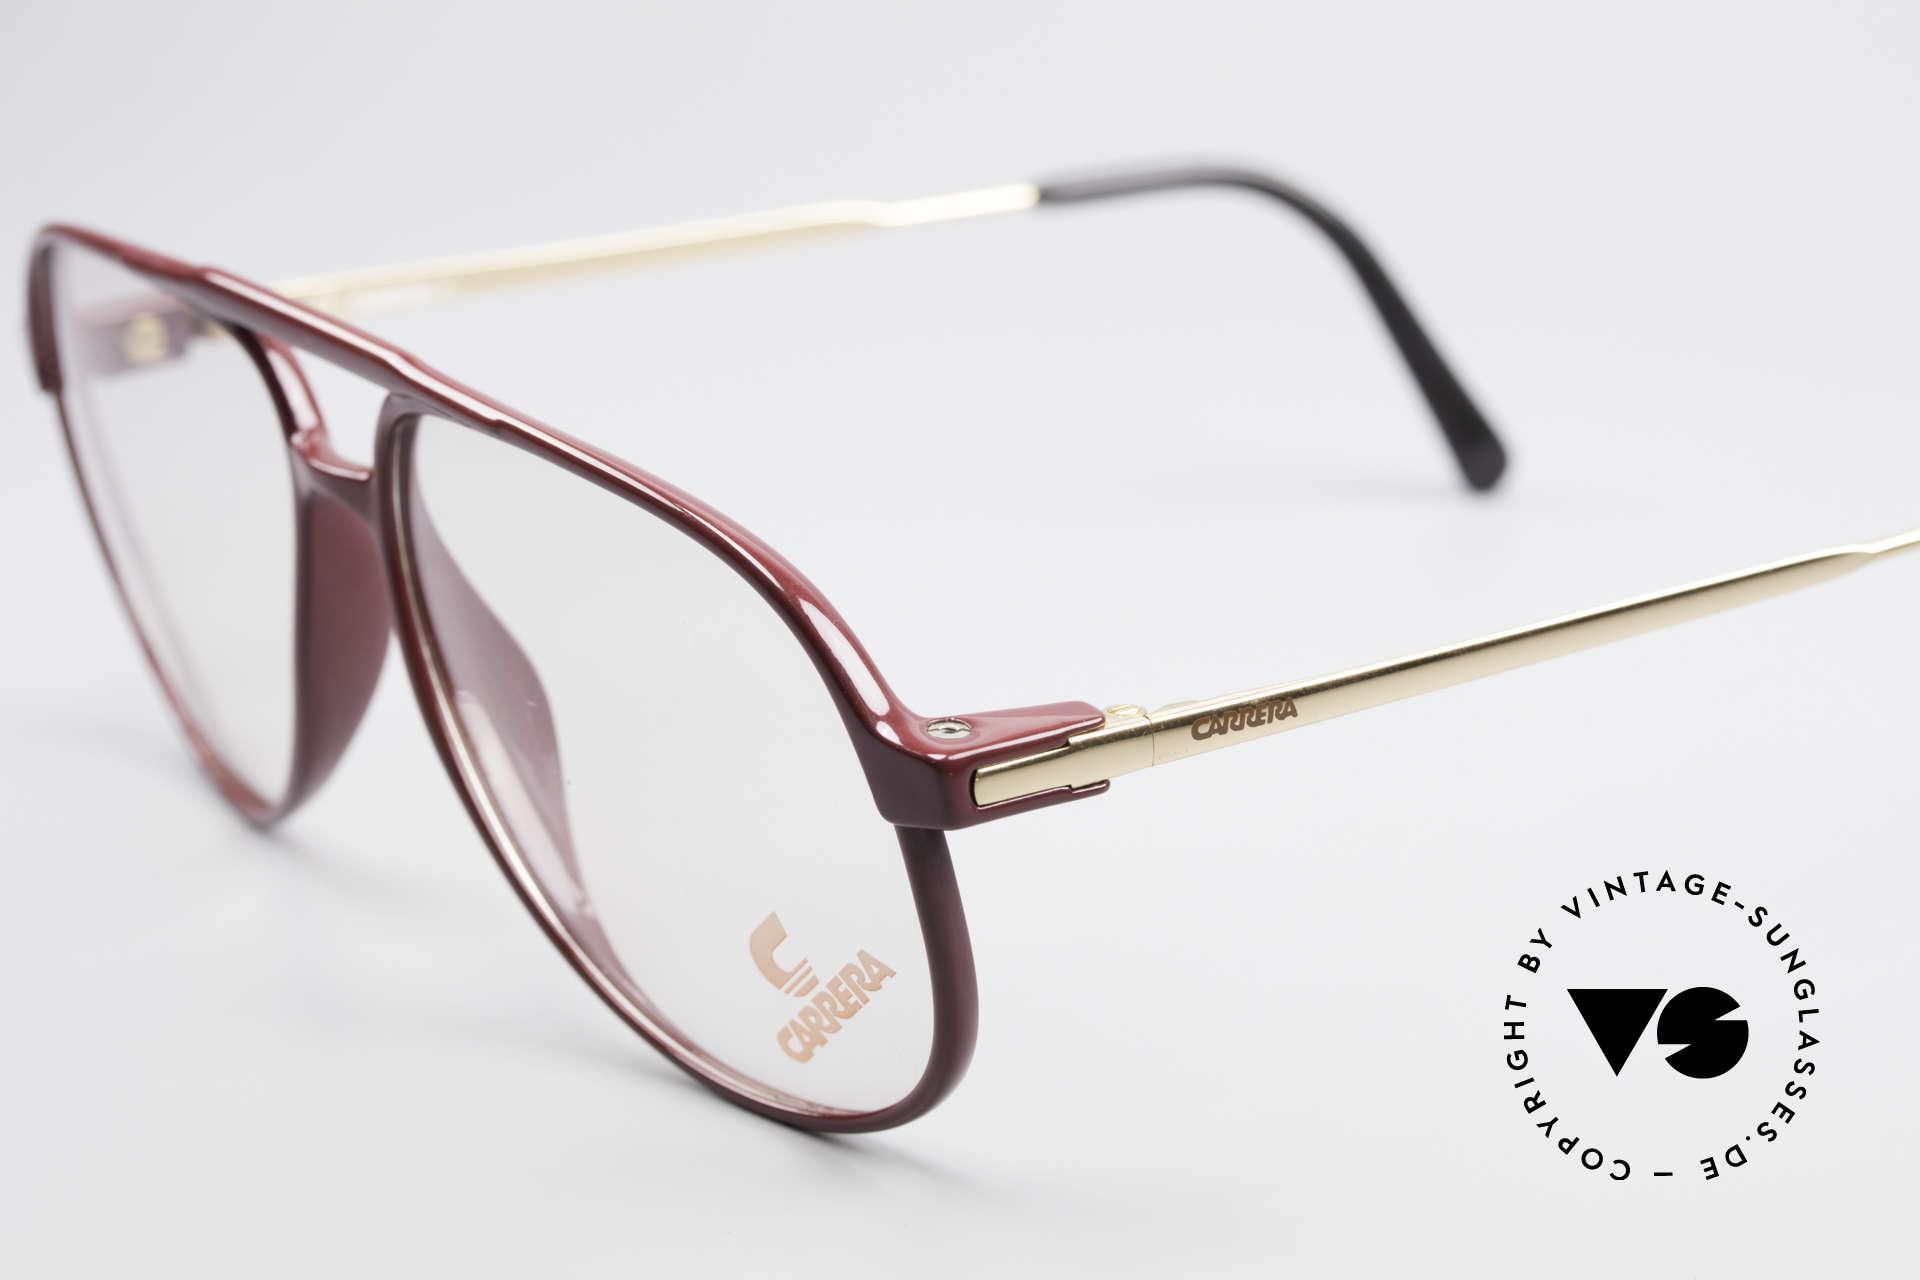 """Carrera 5355 Kohlefaser Brille 90er Original, klassische Pilotenform-Brille mit """"Doppelbrücke"""", Passend für Herren"""